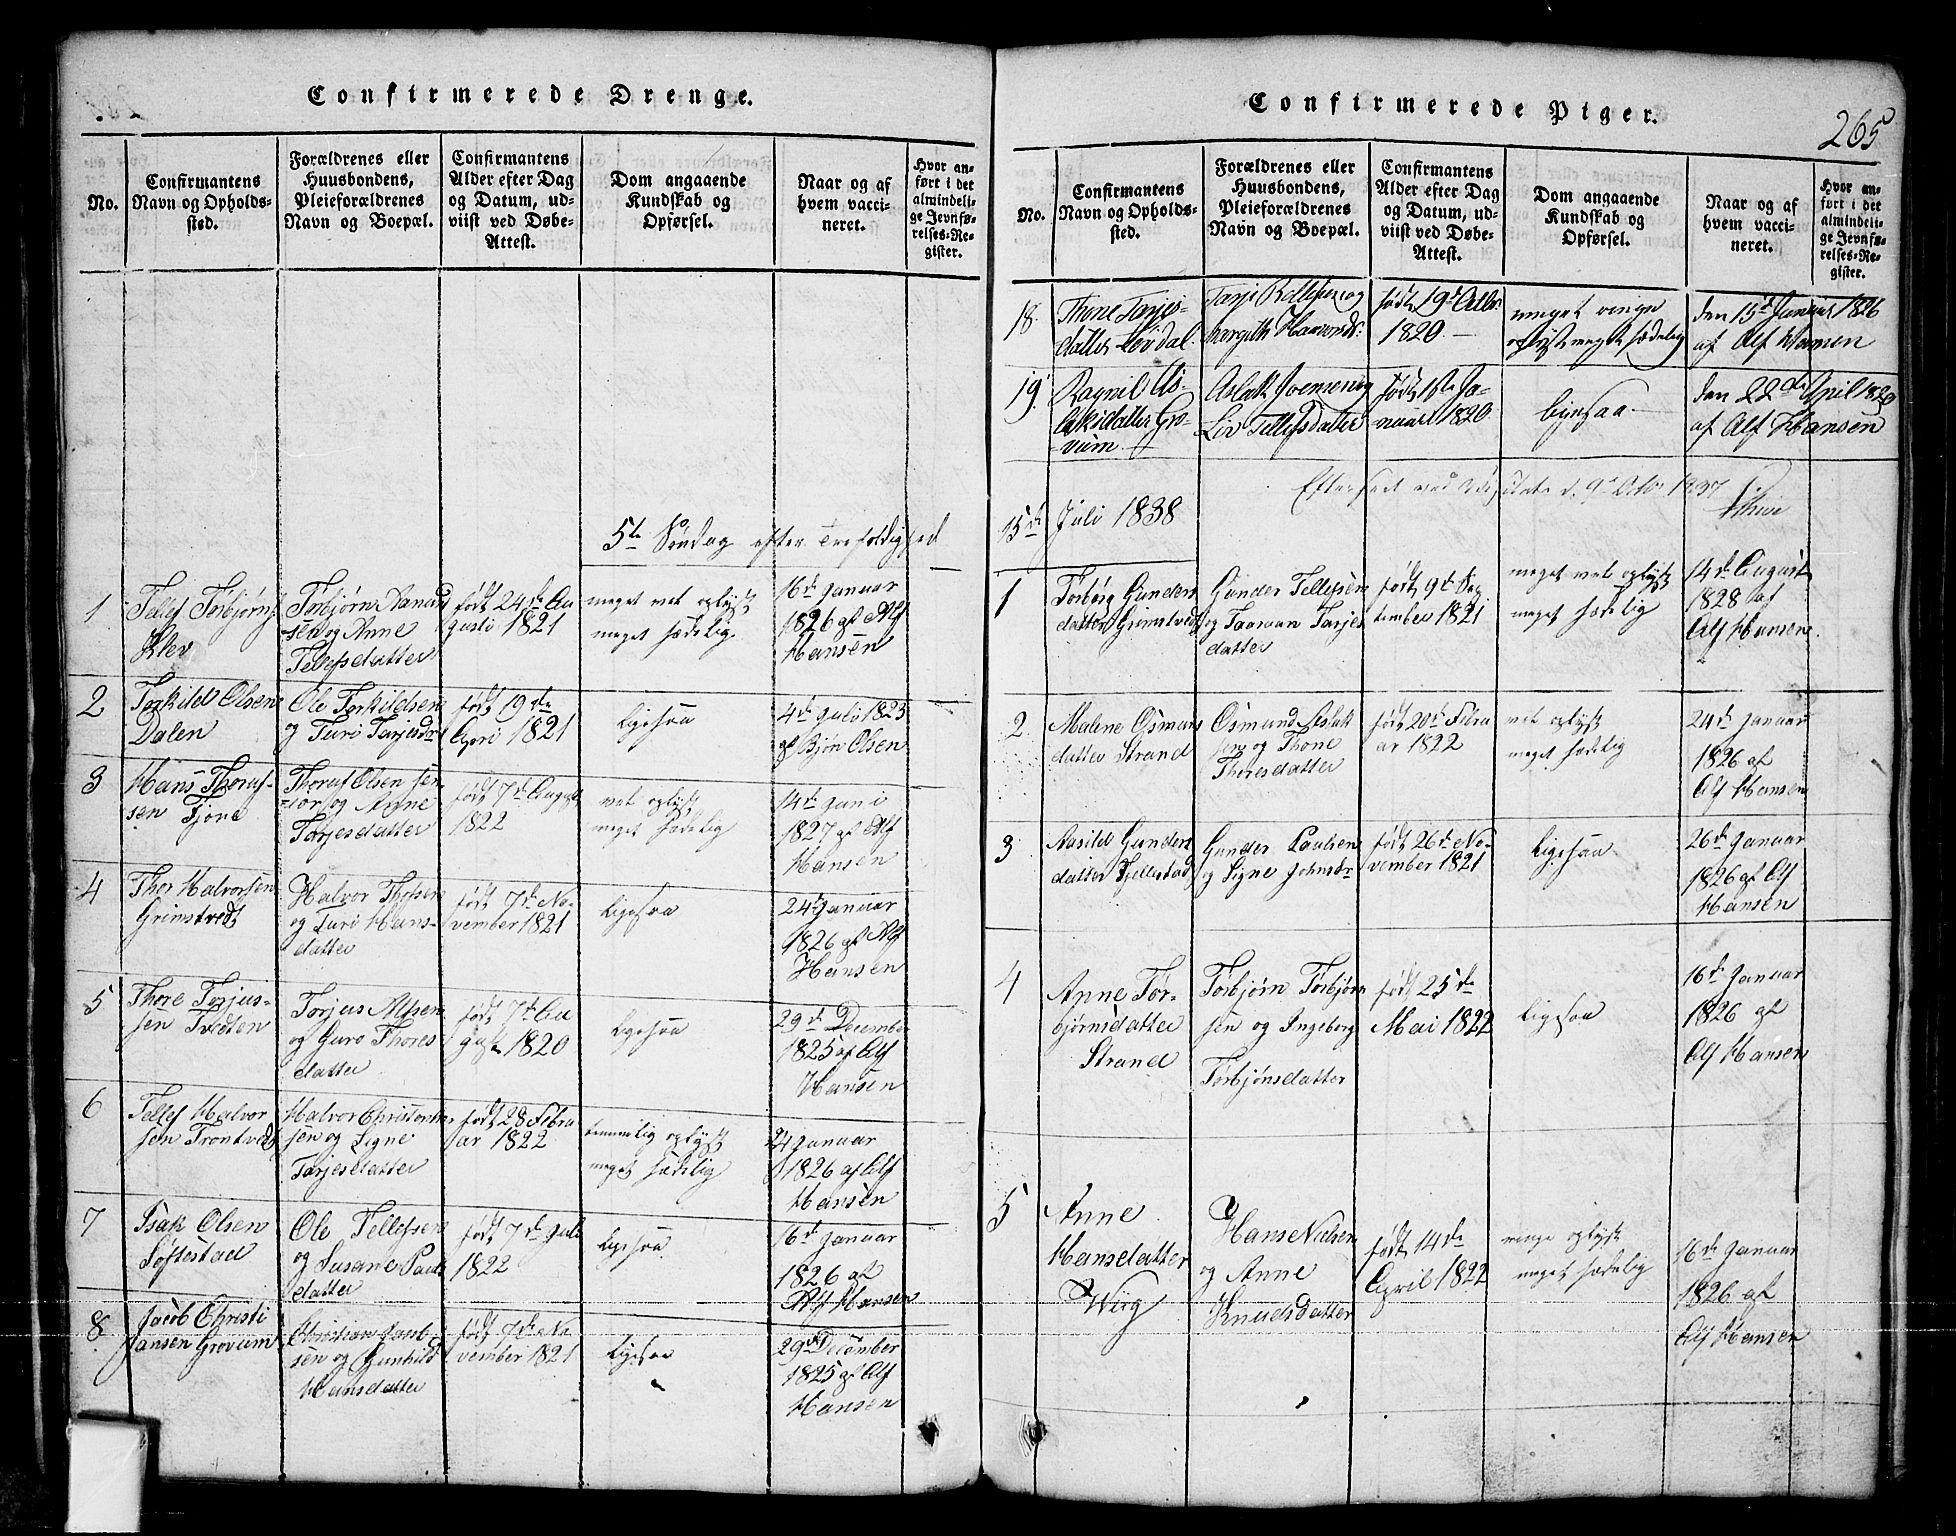 SAKO, Nissedal kirkebøker, G/Ga/L0001: Klokkerbok nr. I 1, 1814-1860, s. 265